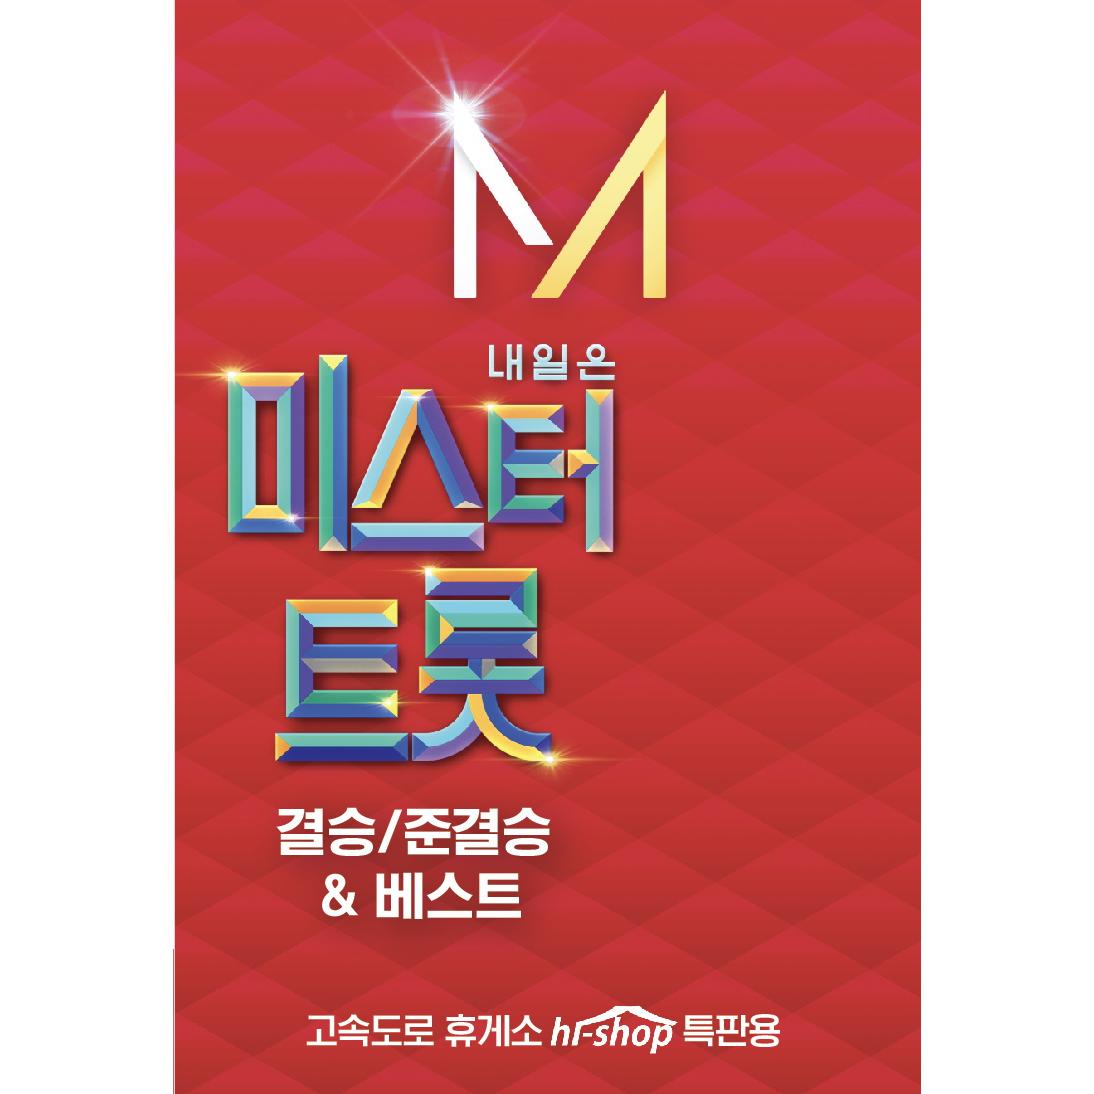 금길 내일은 미스터트롯 결승 준결승 베스트, USB 앨범 1개